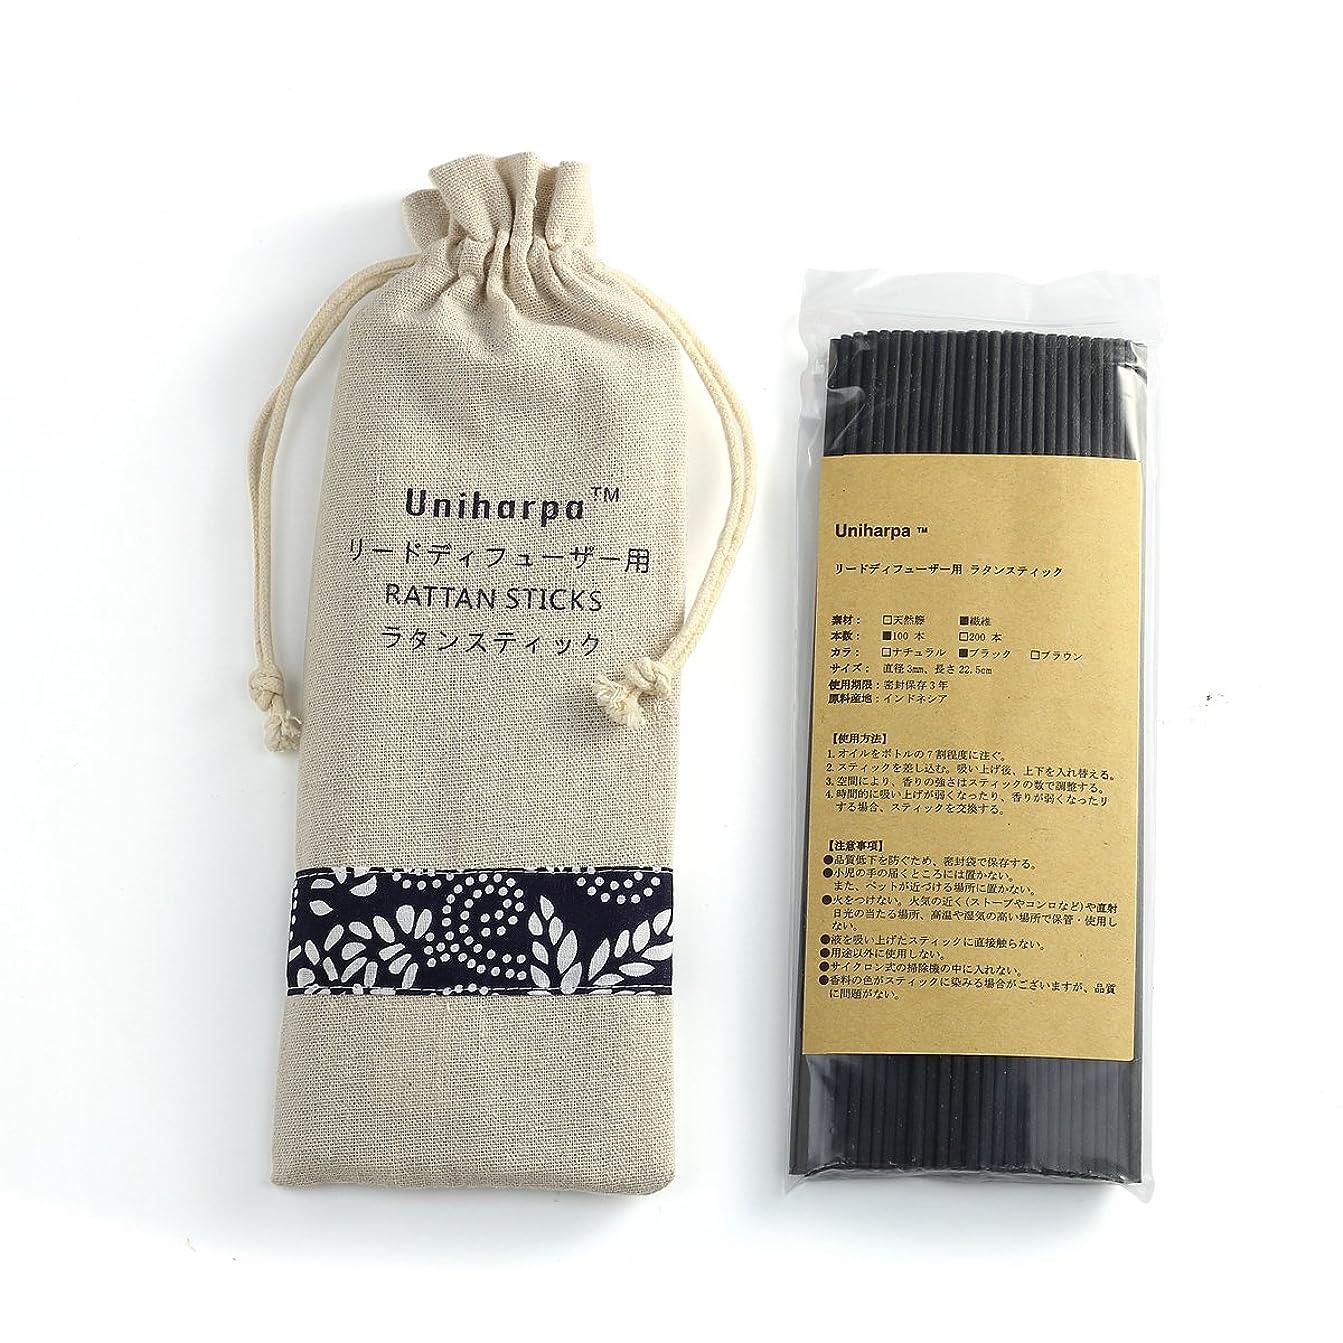 偏差木製ご近所リードディフューザー用 ラタンスティック/リードスティック リフィル 繊維素材 22.5cm 直径3mm 100本入 乾燥剤入り オリジナル旅行専用袋付 (ブラック)